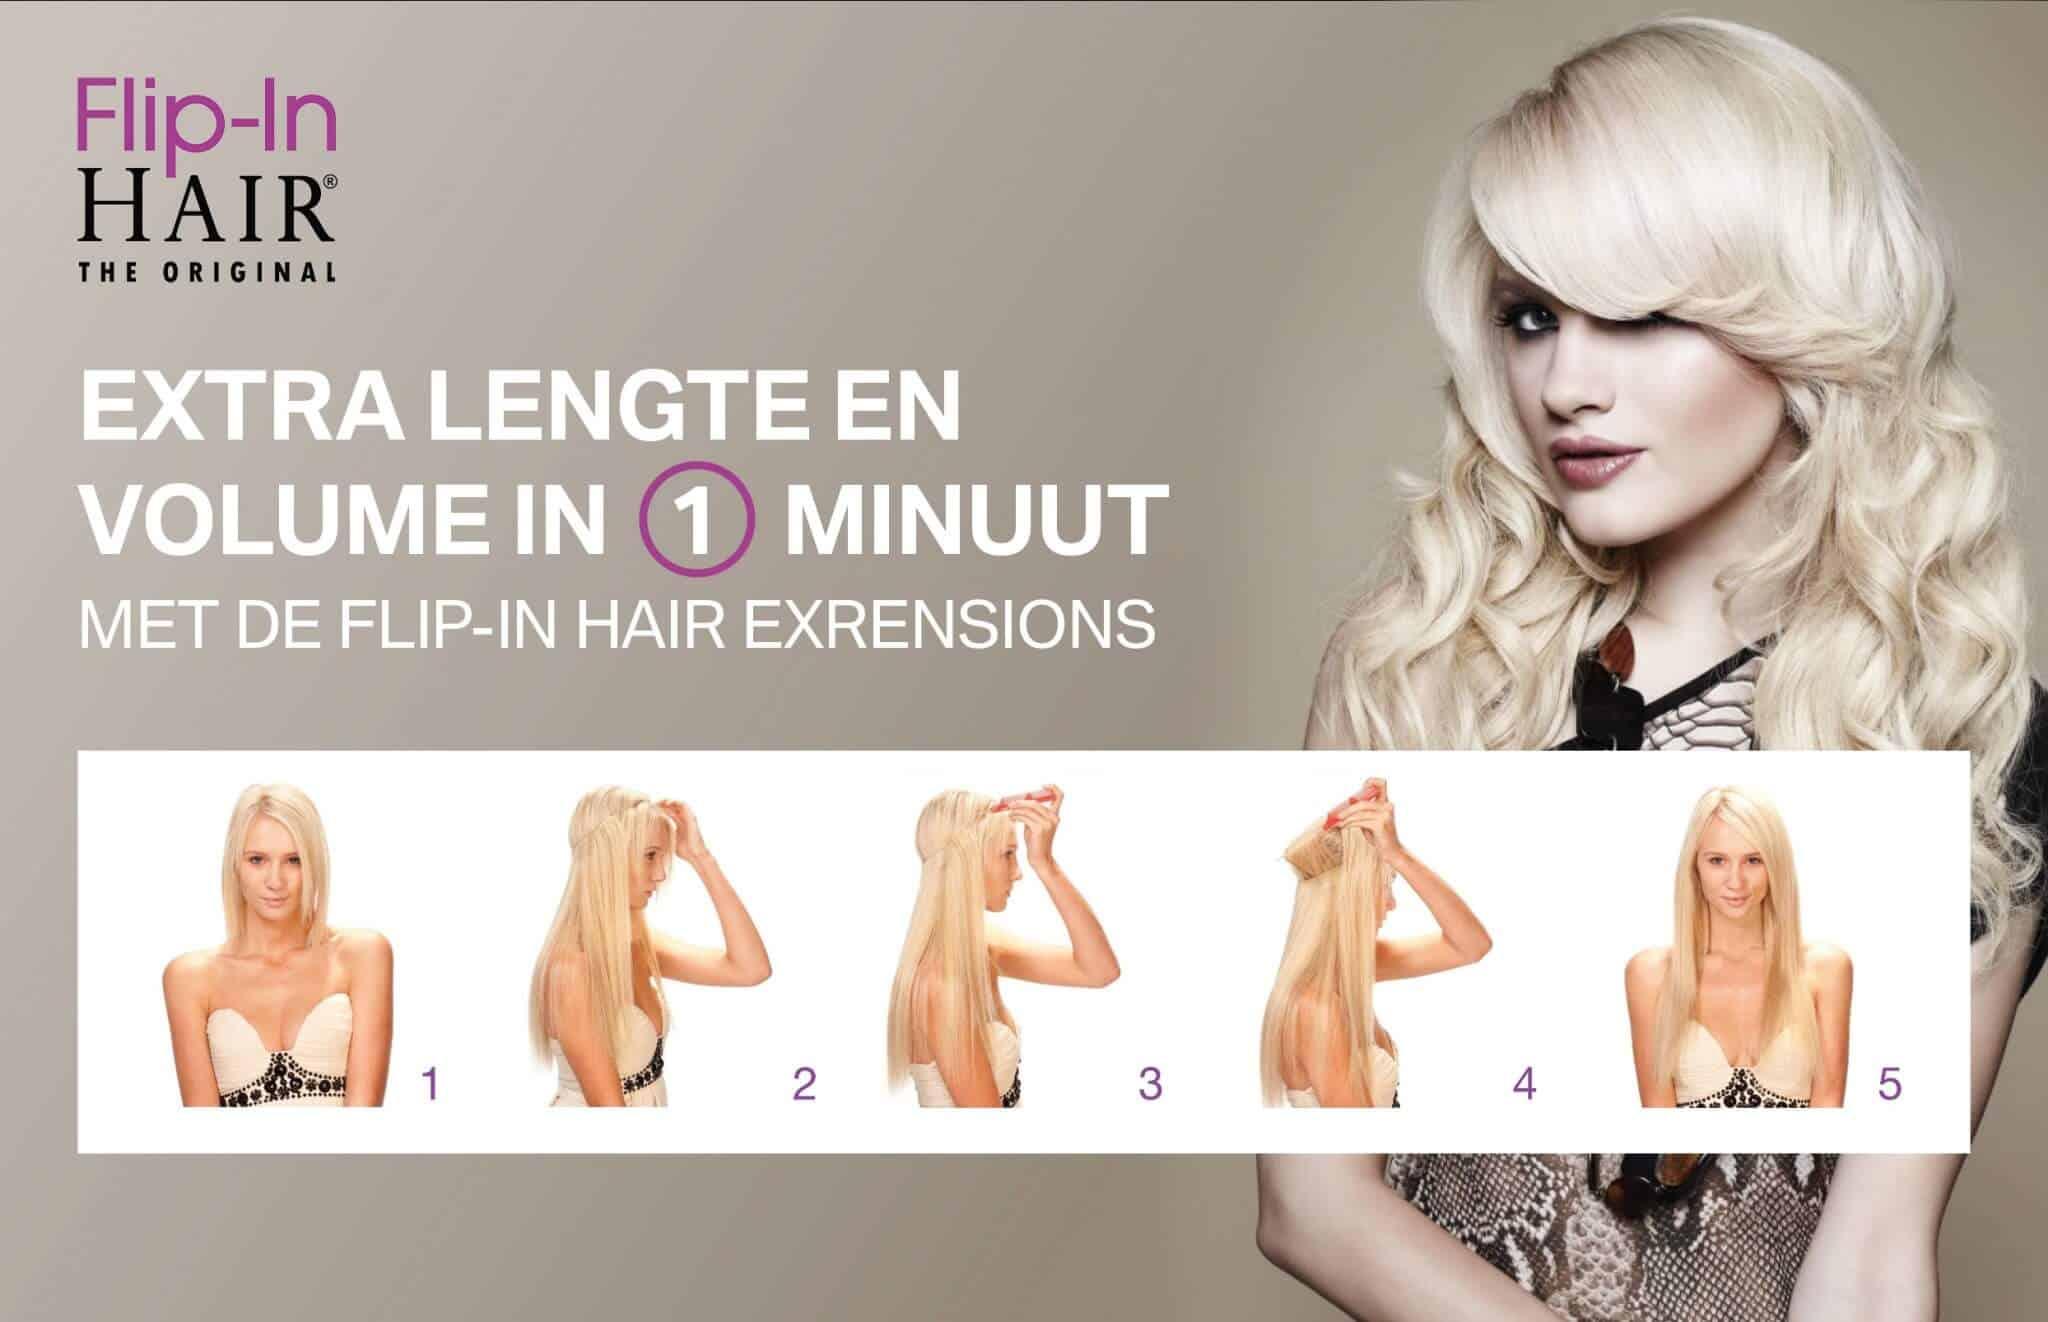 kapsalon Den Haag, great lenghts extensions, haar verven, haar kleuren, Dante Couture flip in hair